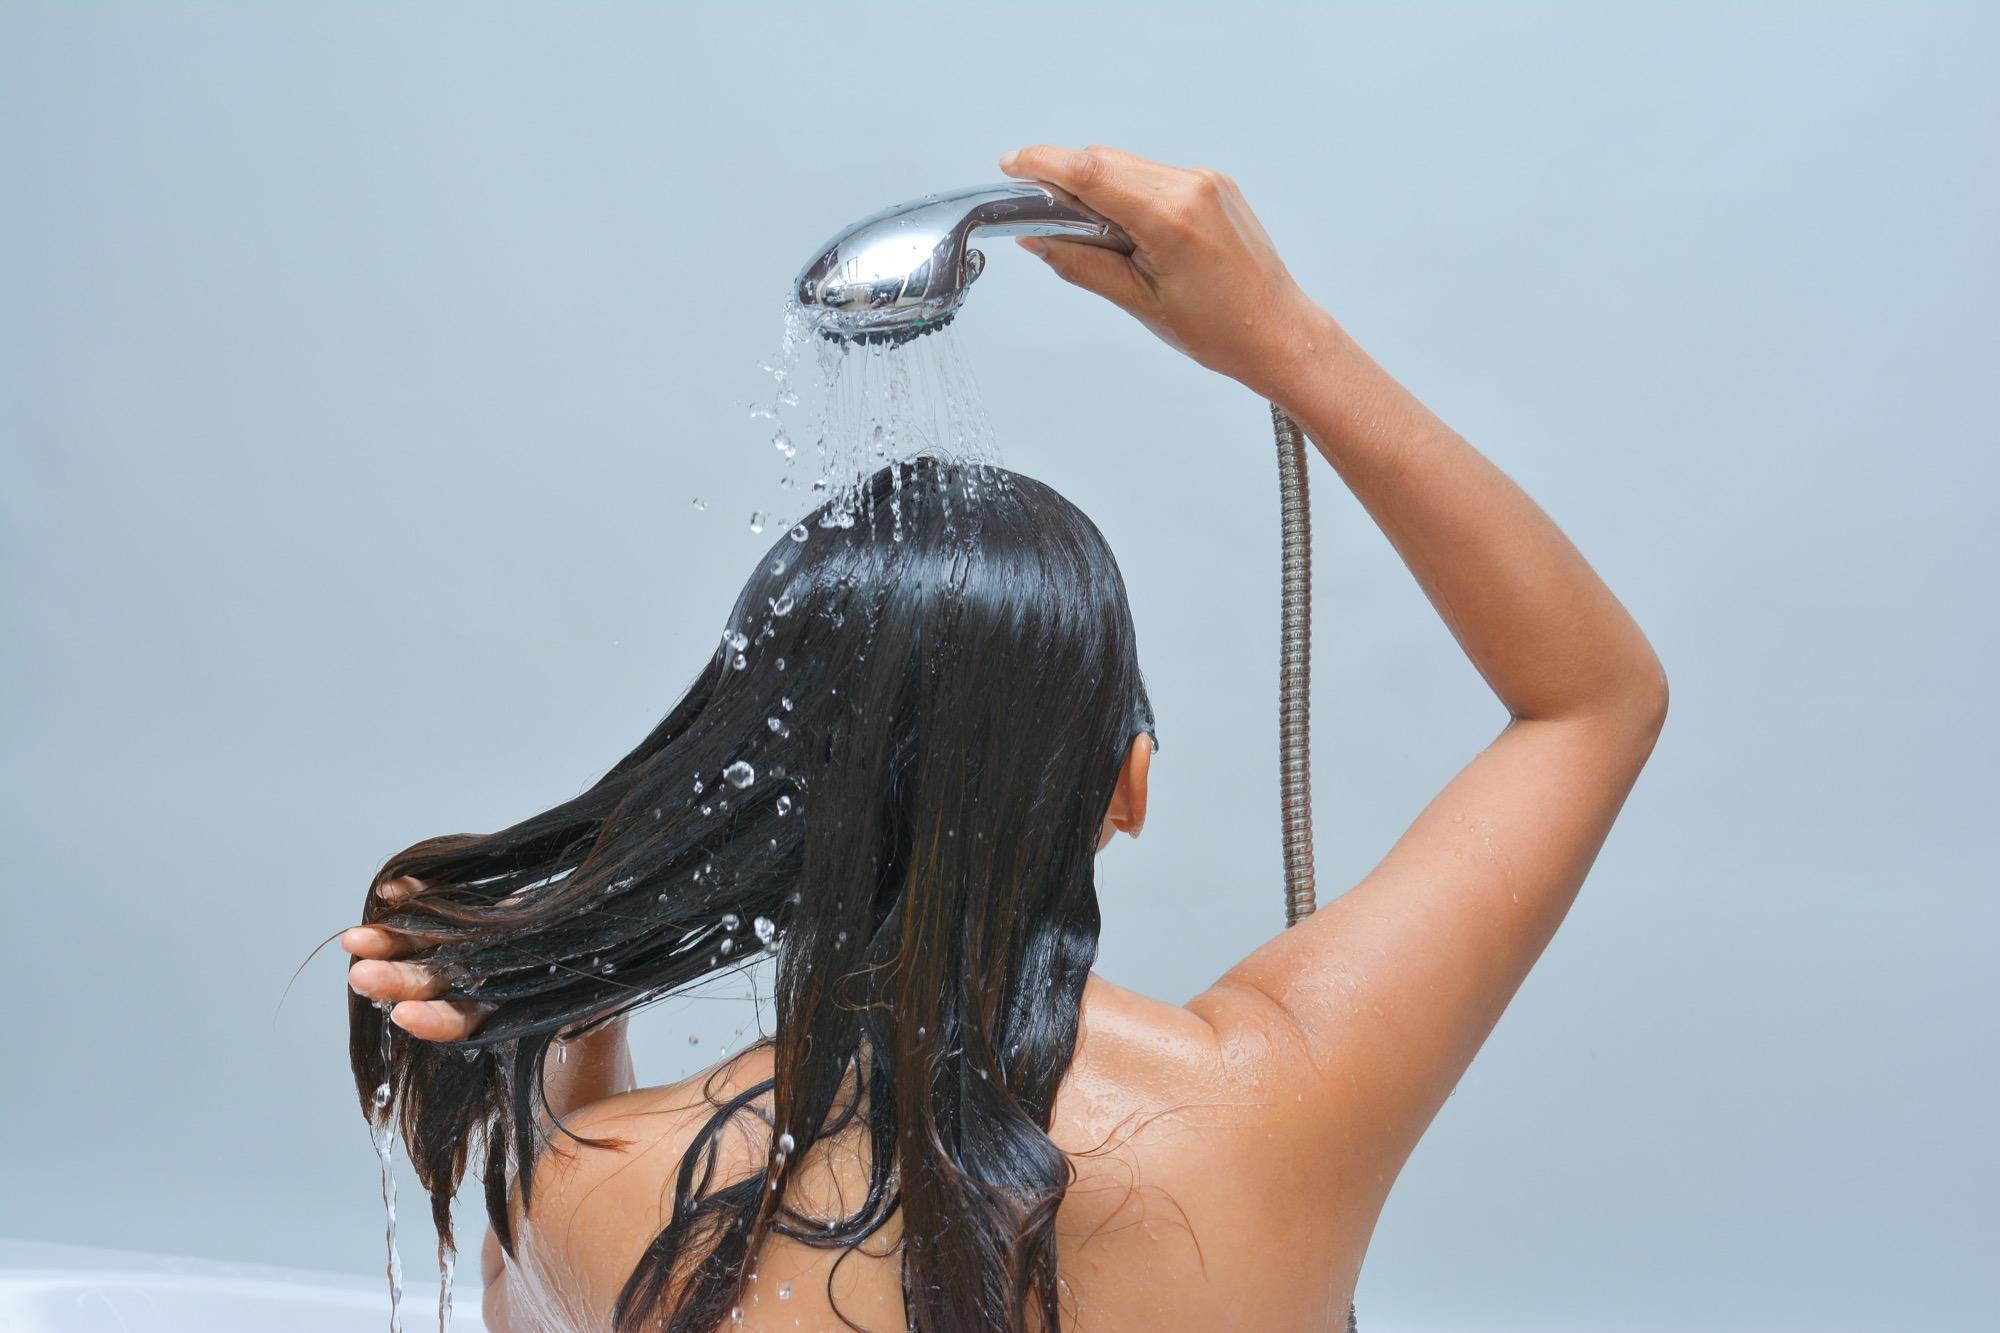 haare sechs wochen ohne shampoo. Black Bedroom Furniture Sets. Home Design Ideas